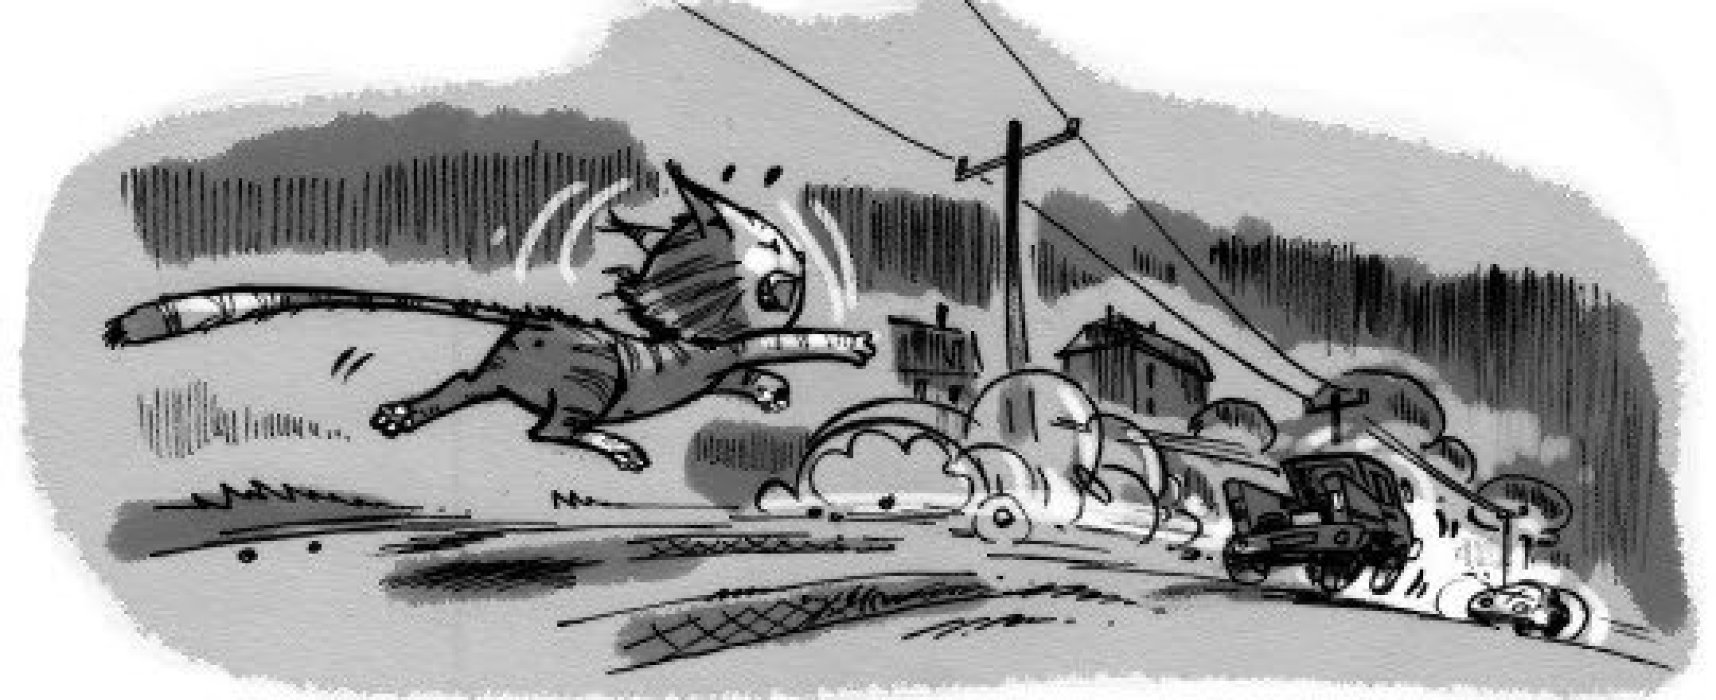 Damdaki Kedi ve Huysuz Uğurböceği